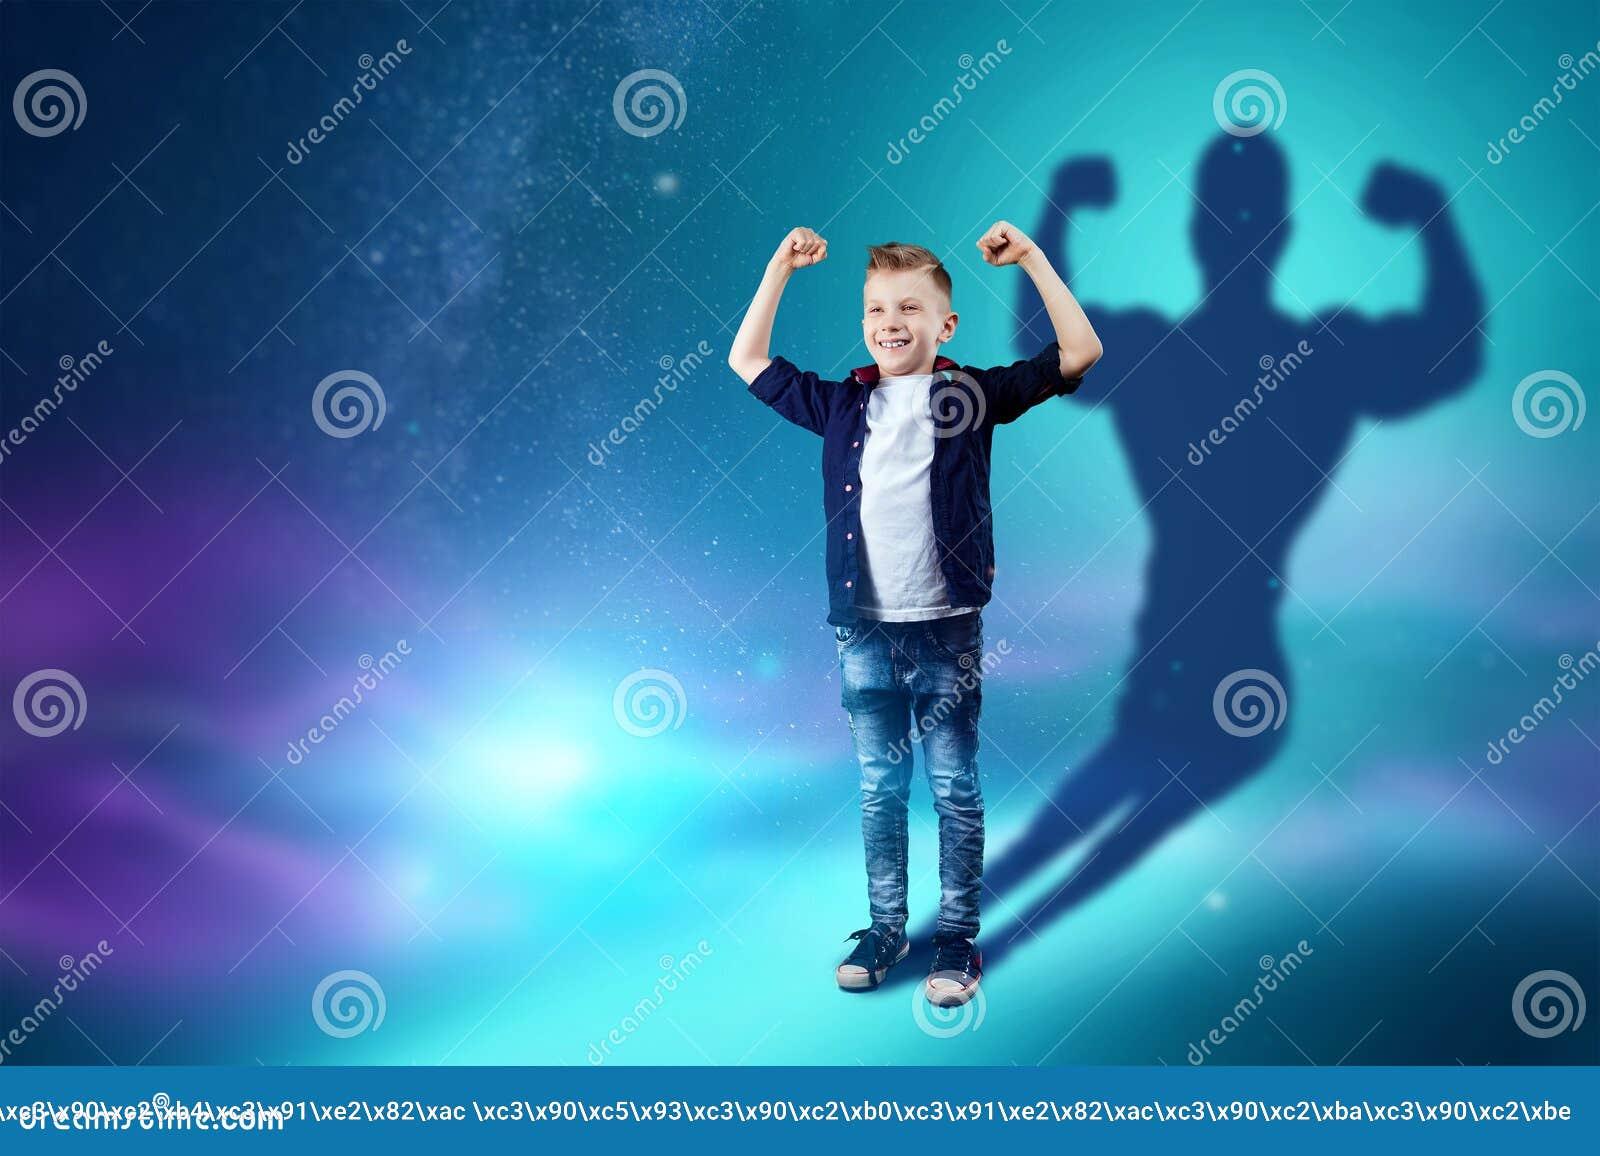 La scelta della professione, il futuro del bambino I sogni del ragazzo di trasformarsi in un forte culturista Professione di conc